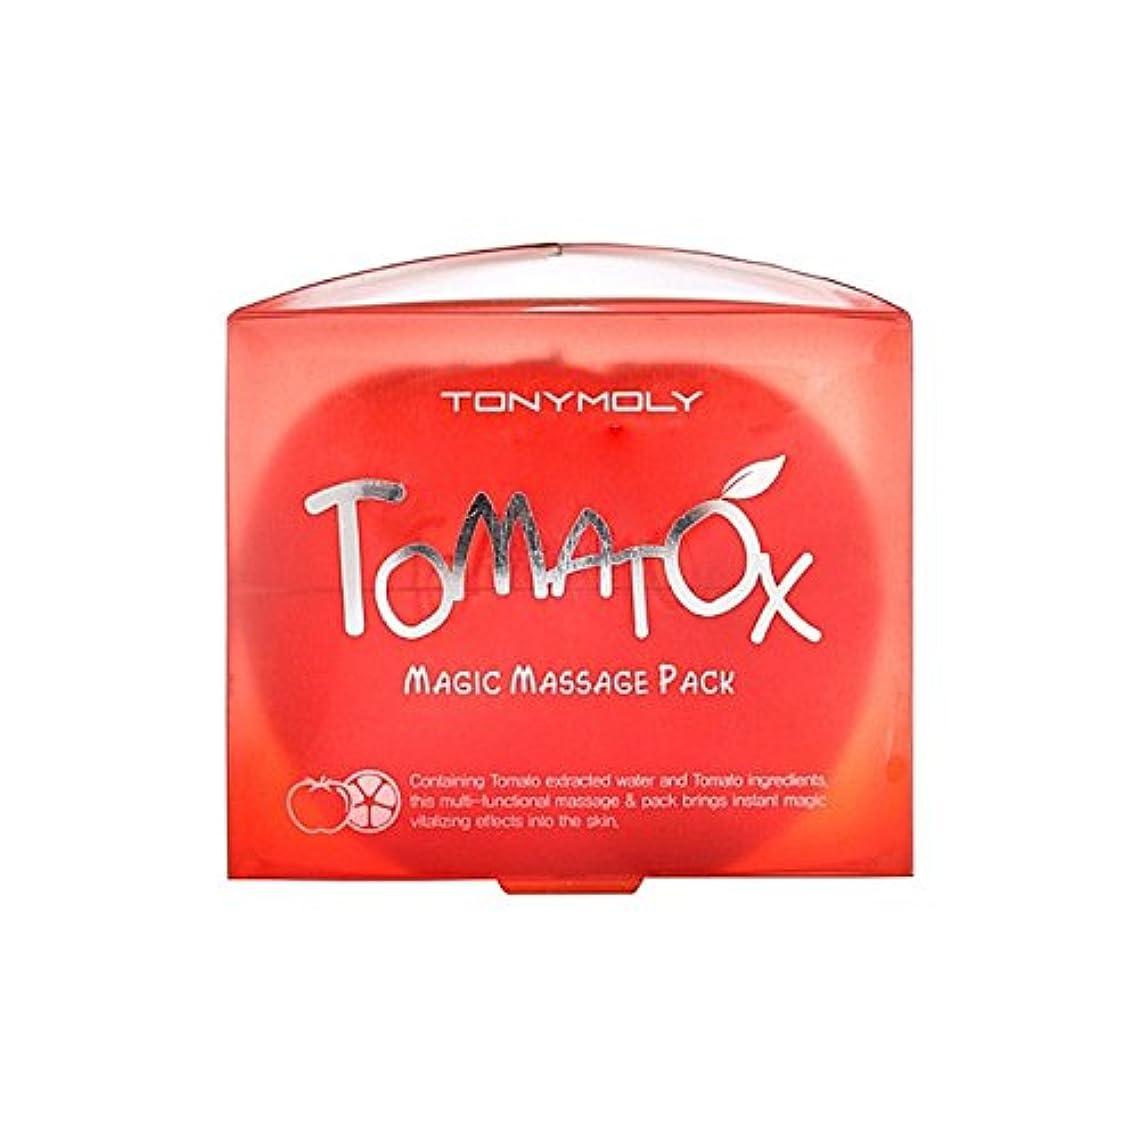 動機式カードトニーモリー魔法マッサージパック80グラム x2 - Tony Moly Tomatox Magic Massage Pack 80G (Pack of 2) [並行輸入品]